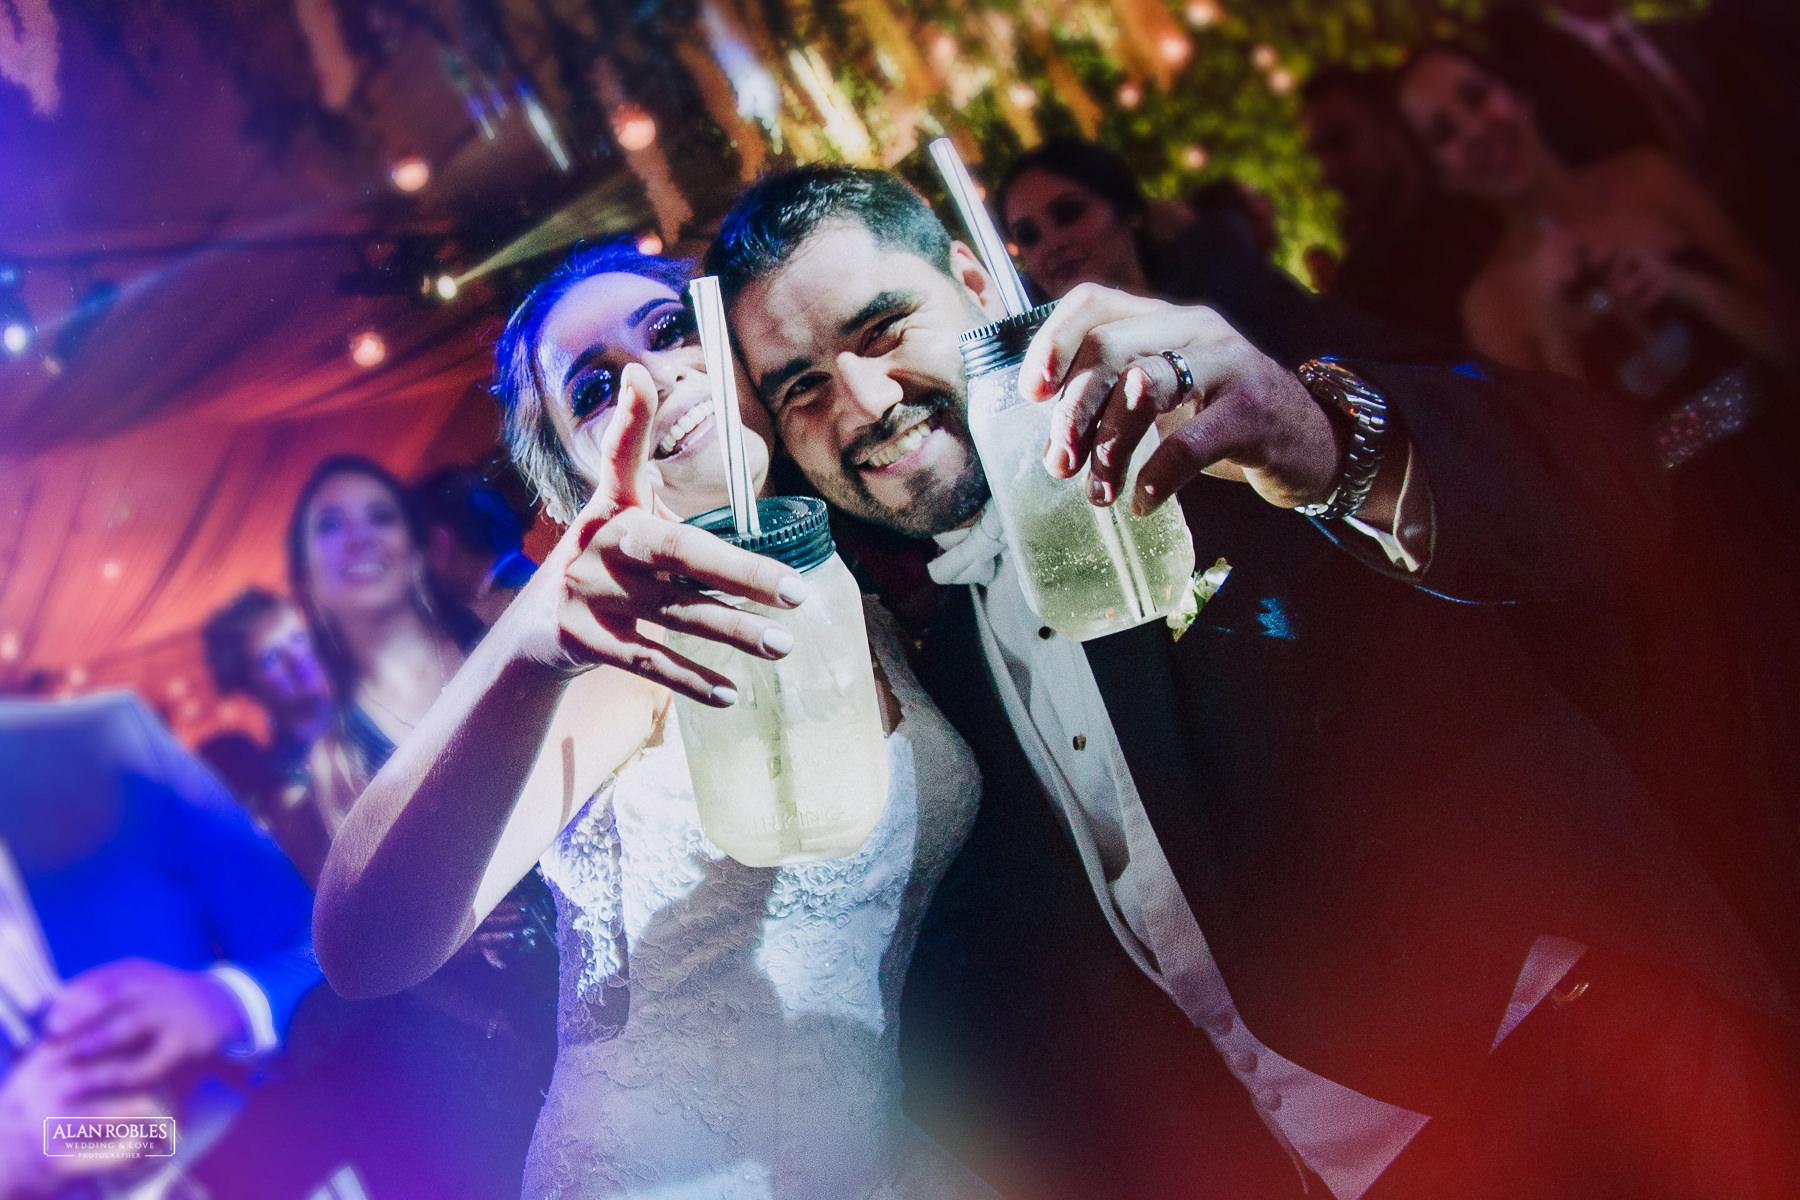 Fotografo de bodas Alan Robles-Casa Clementina Guadalajara DyA-73